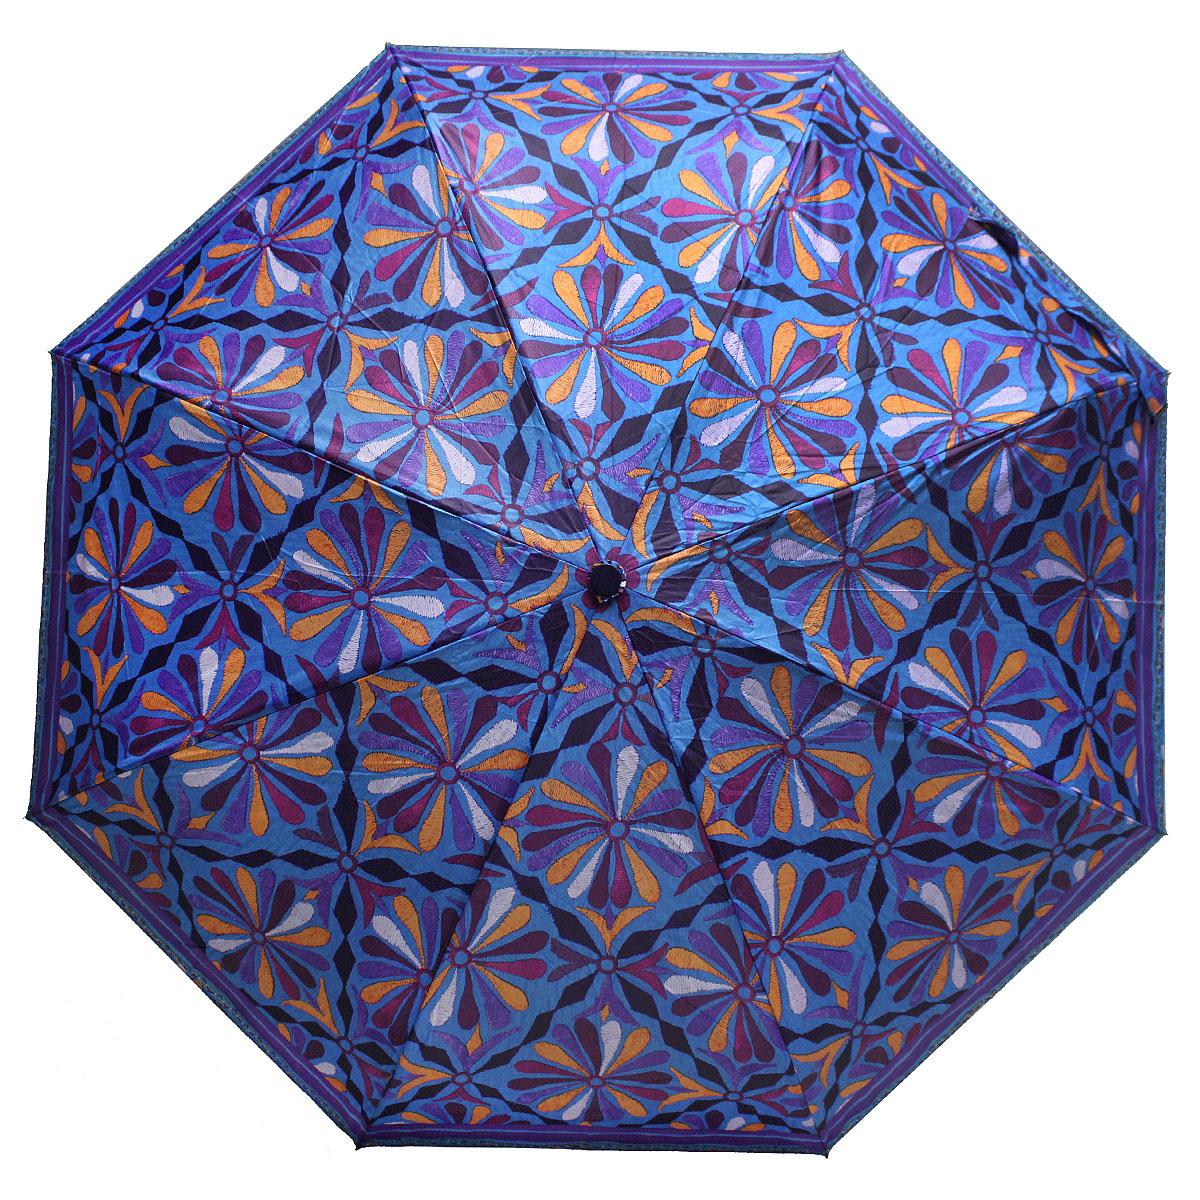 Зонт женский Bisetti, цвет: синий. 35167-335167-3Стильный зонт автомат испанского производителя Bisetti даже в ненастную погоду позволит вам оставаться элегантной. В производстве зонтов Bisetti используются современные материалы, что делает зонты легкими, но в то же время крепкими. Каркас зонта включает 7 спиц. Стержень изготовлен из стали, купол выполнен из прочного полиэстера. Зонт является механическим: купол открывается и закрывается вручную до характерного щелчка.